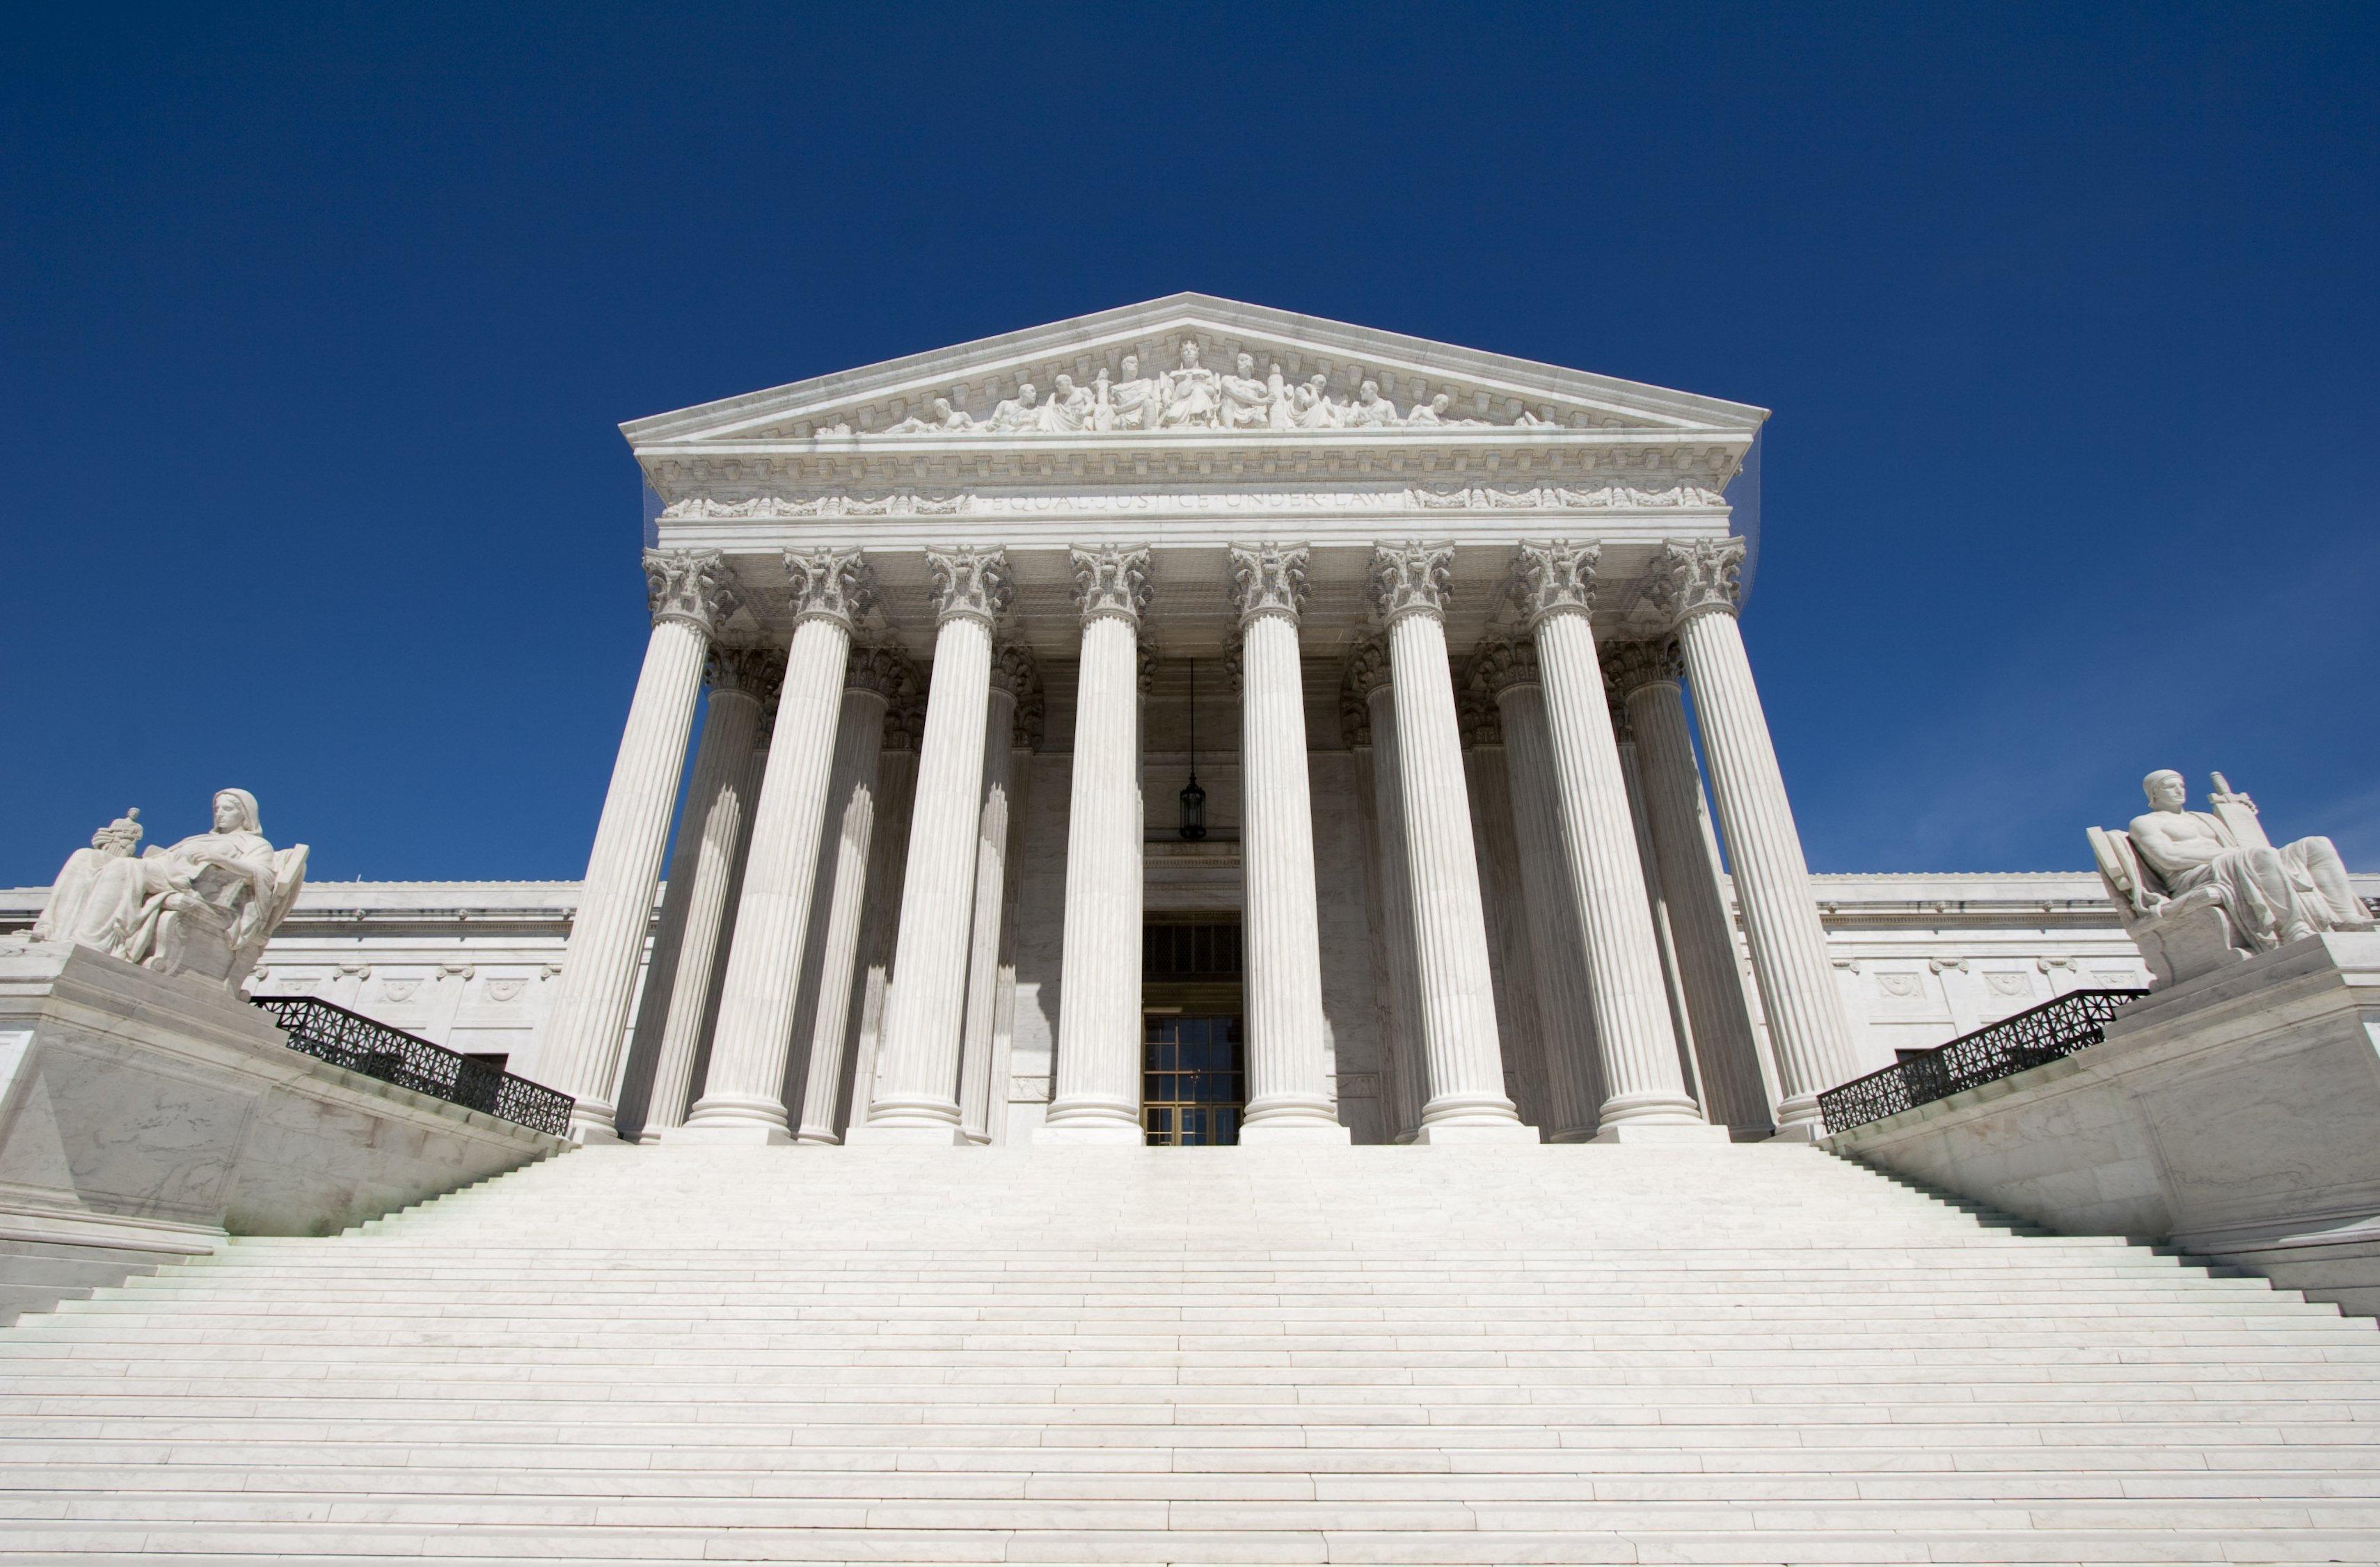 Върховният съд в очакване на своя евентуален нов обитател. Ще прекрачи ли неговия праг съдия Брет Кавано?